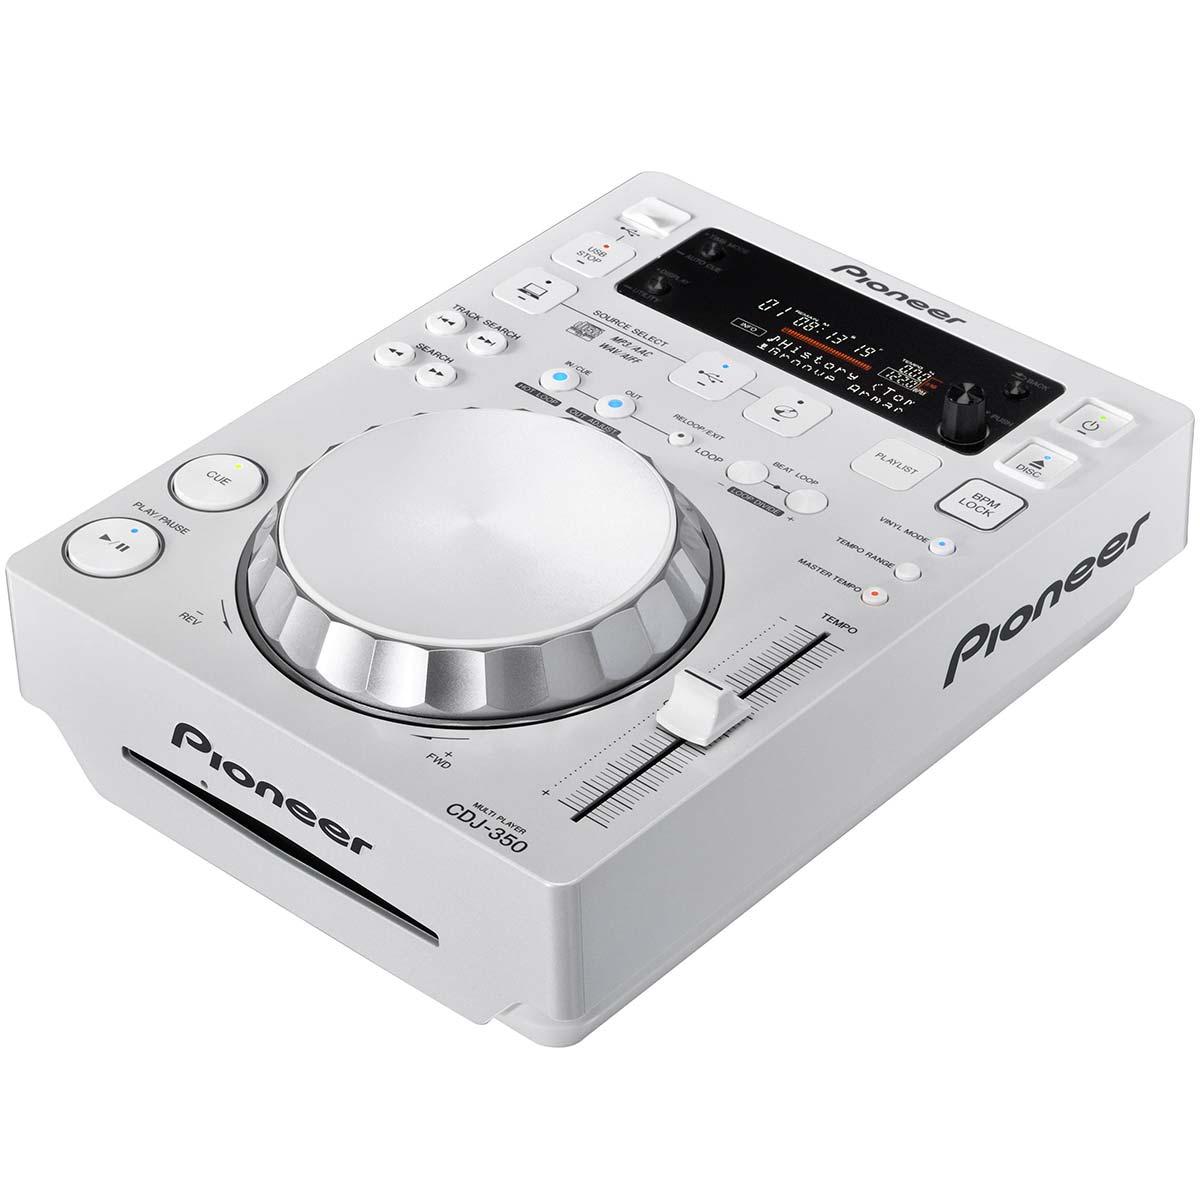 CDJ350 - CDJ Player c/ USB CDJ 350 Branco - Pioneer